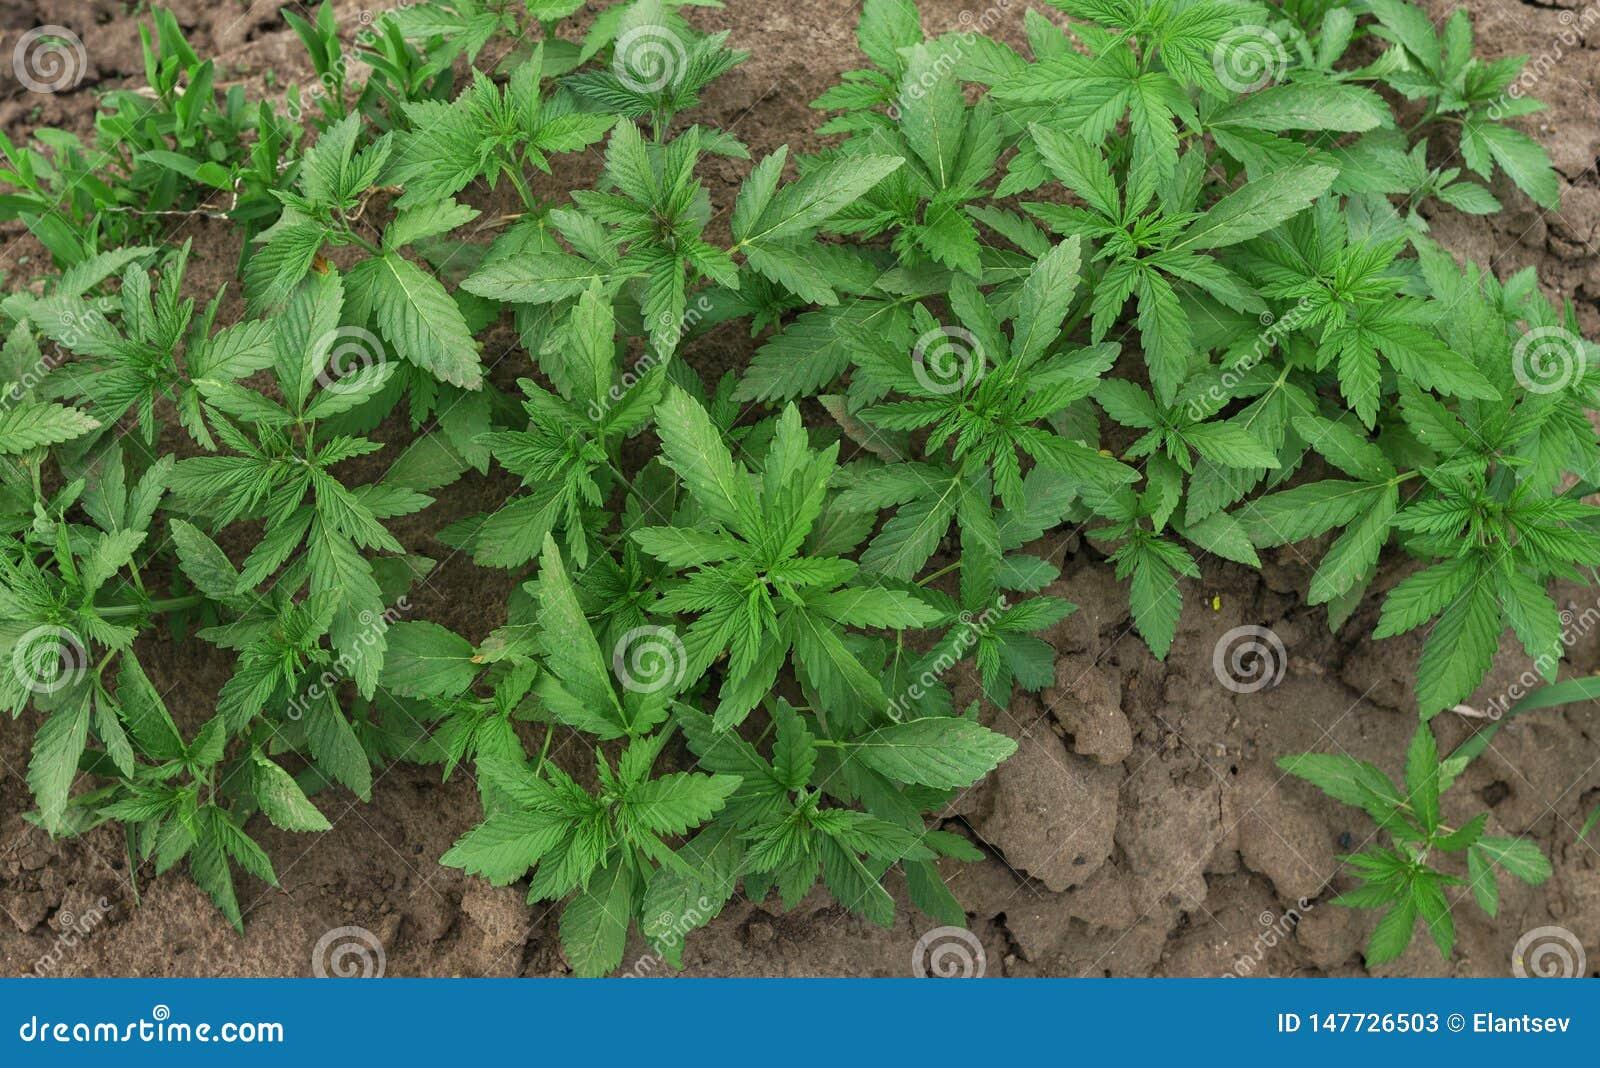 Фото всходов конопли варить марихуану